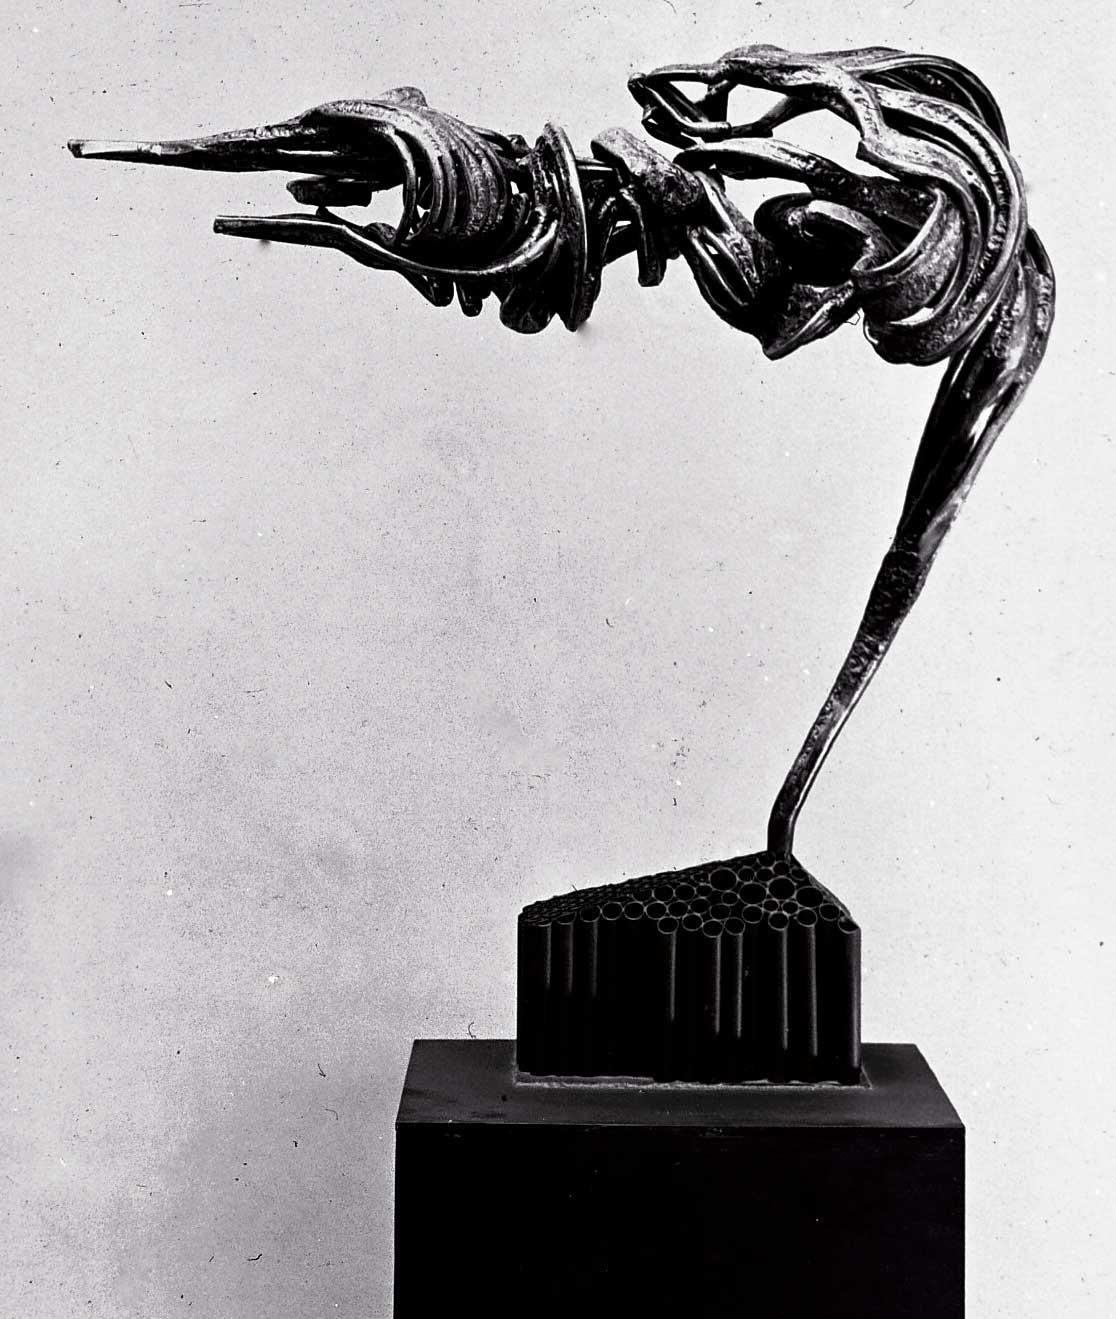 La-fleur-du-mal-03